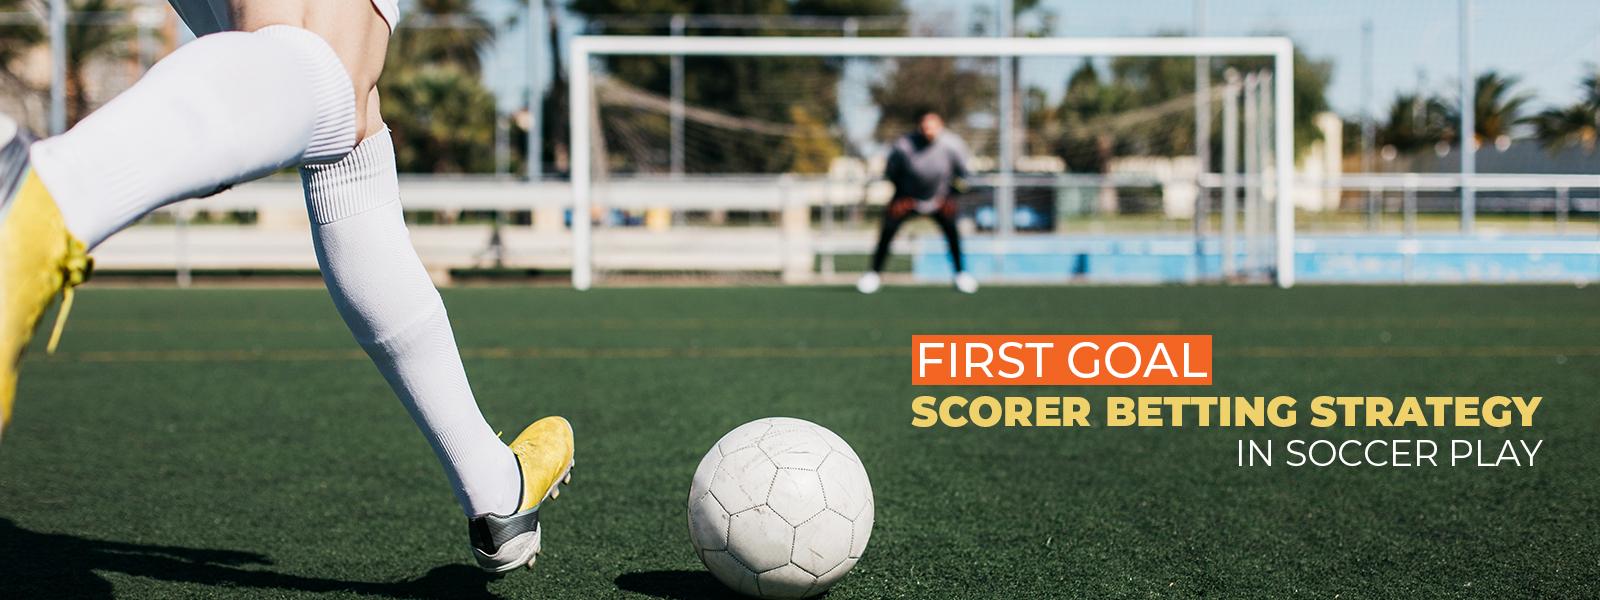 First Goal Scorer Soccer Betting Strategy